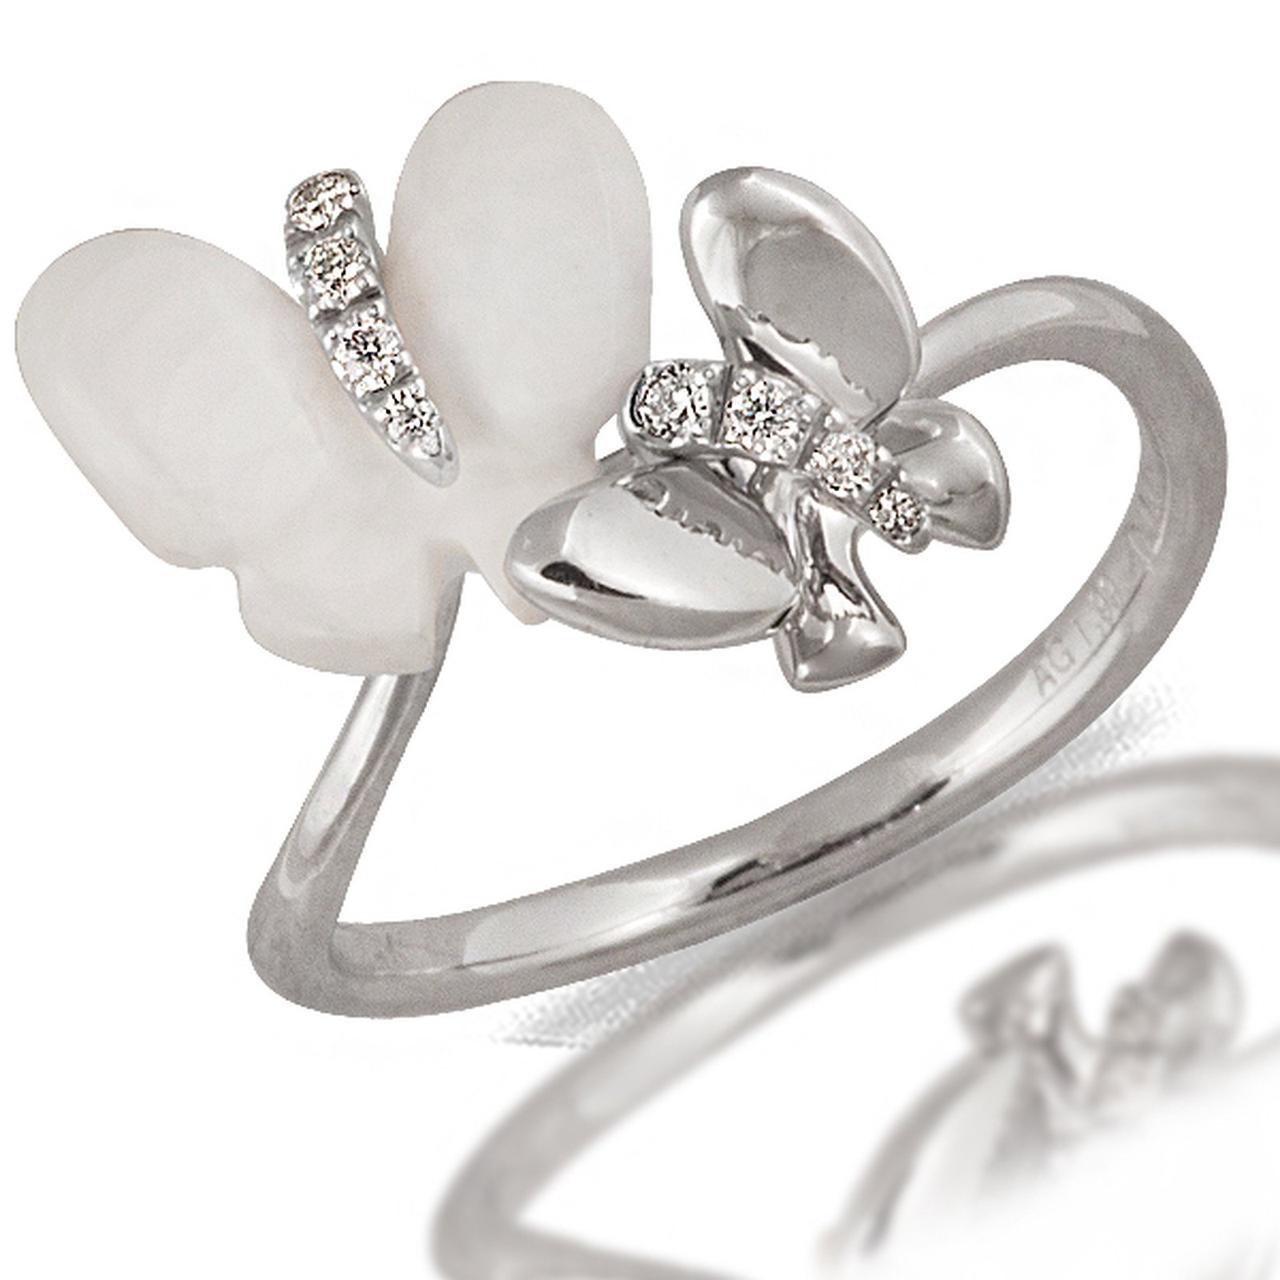 Золотое кольцо с агатом и бриллиантами, размер 16.5 (046765)